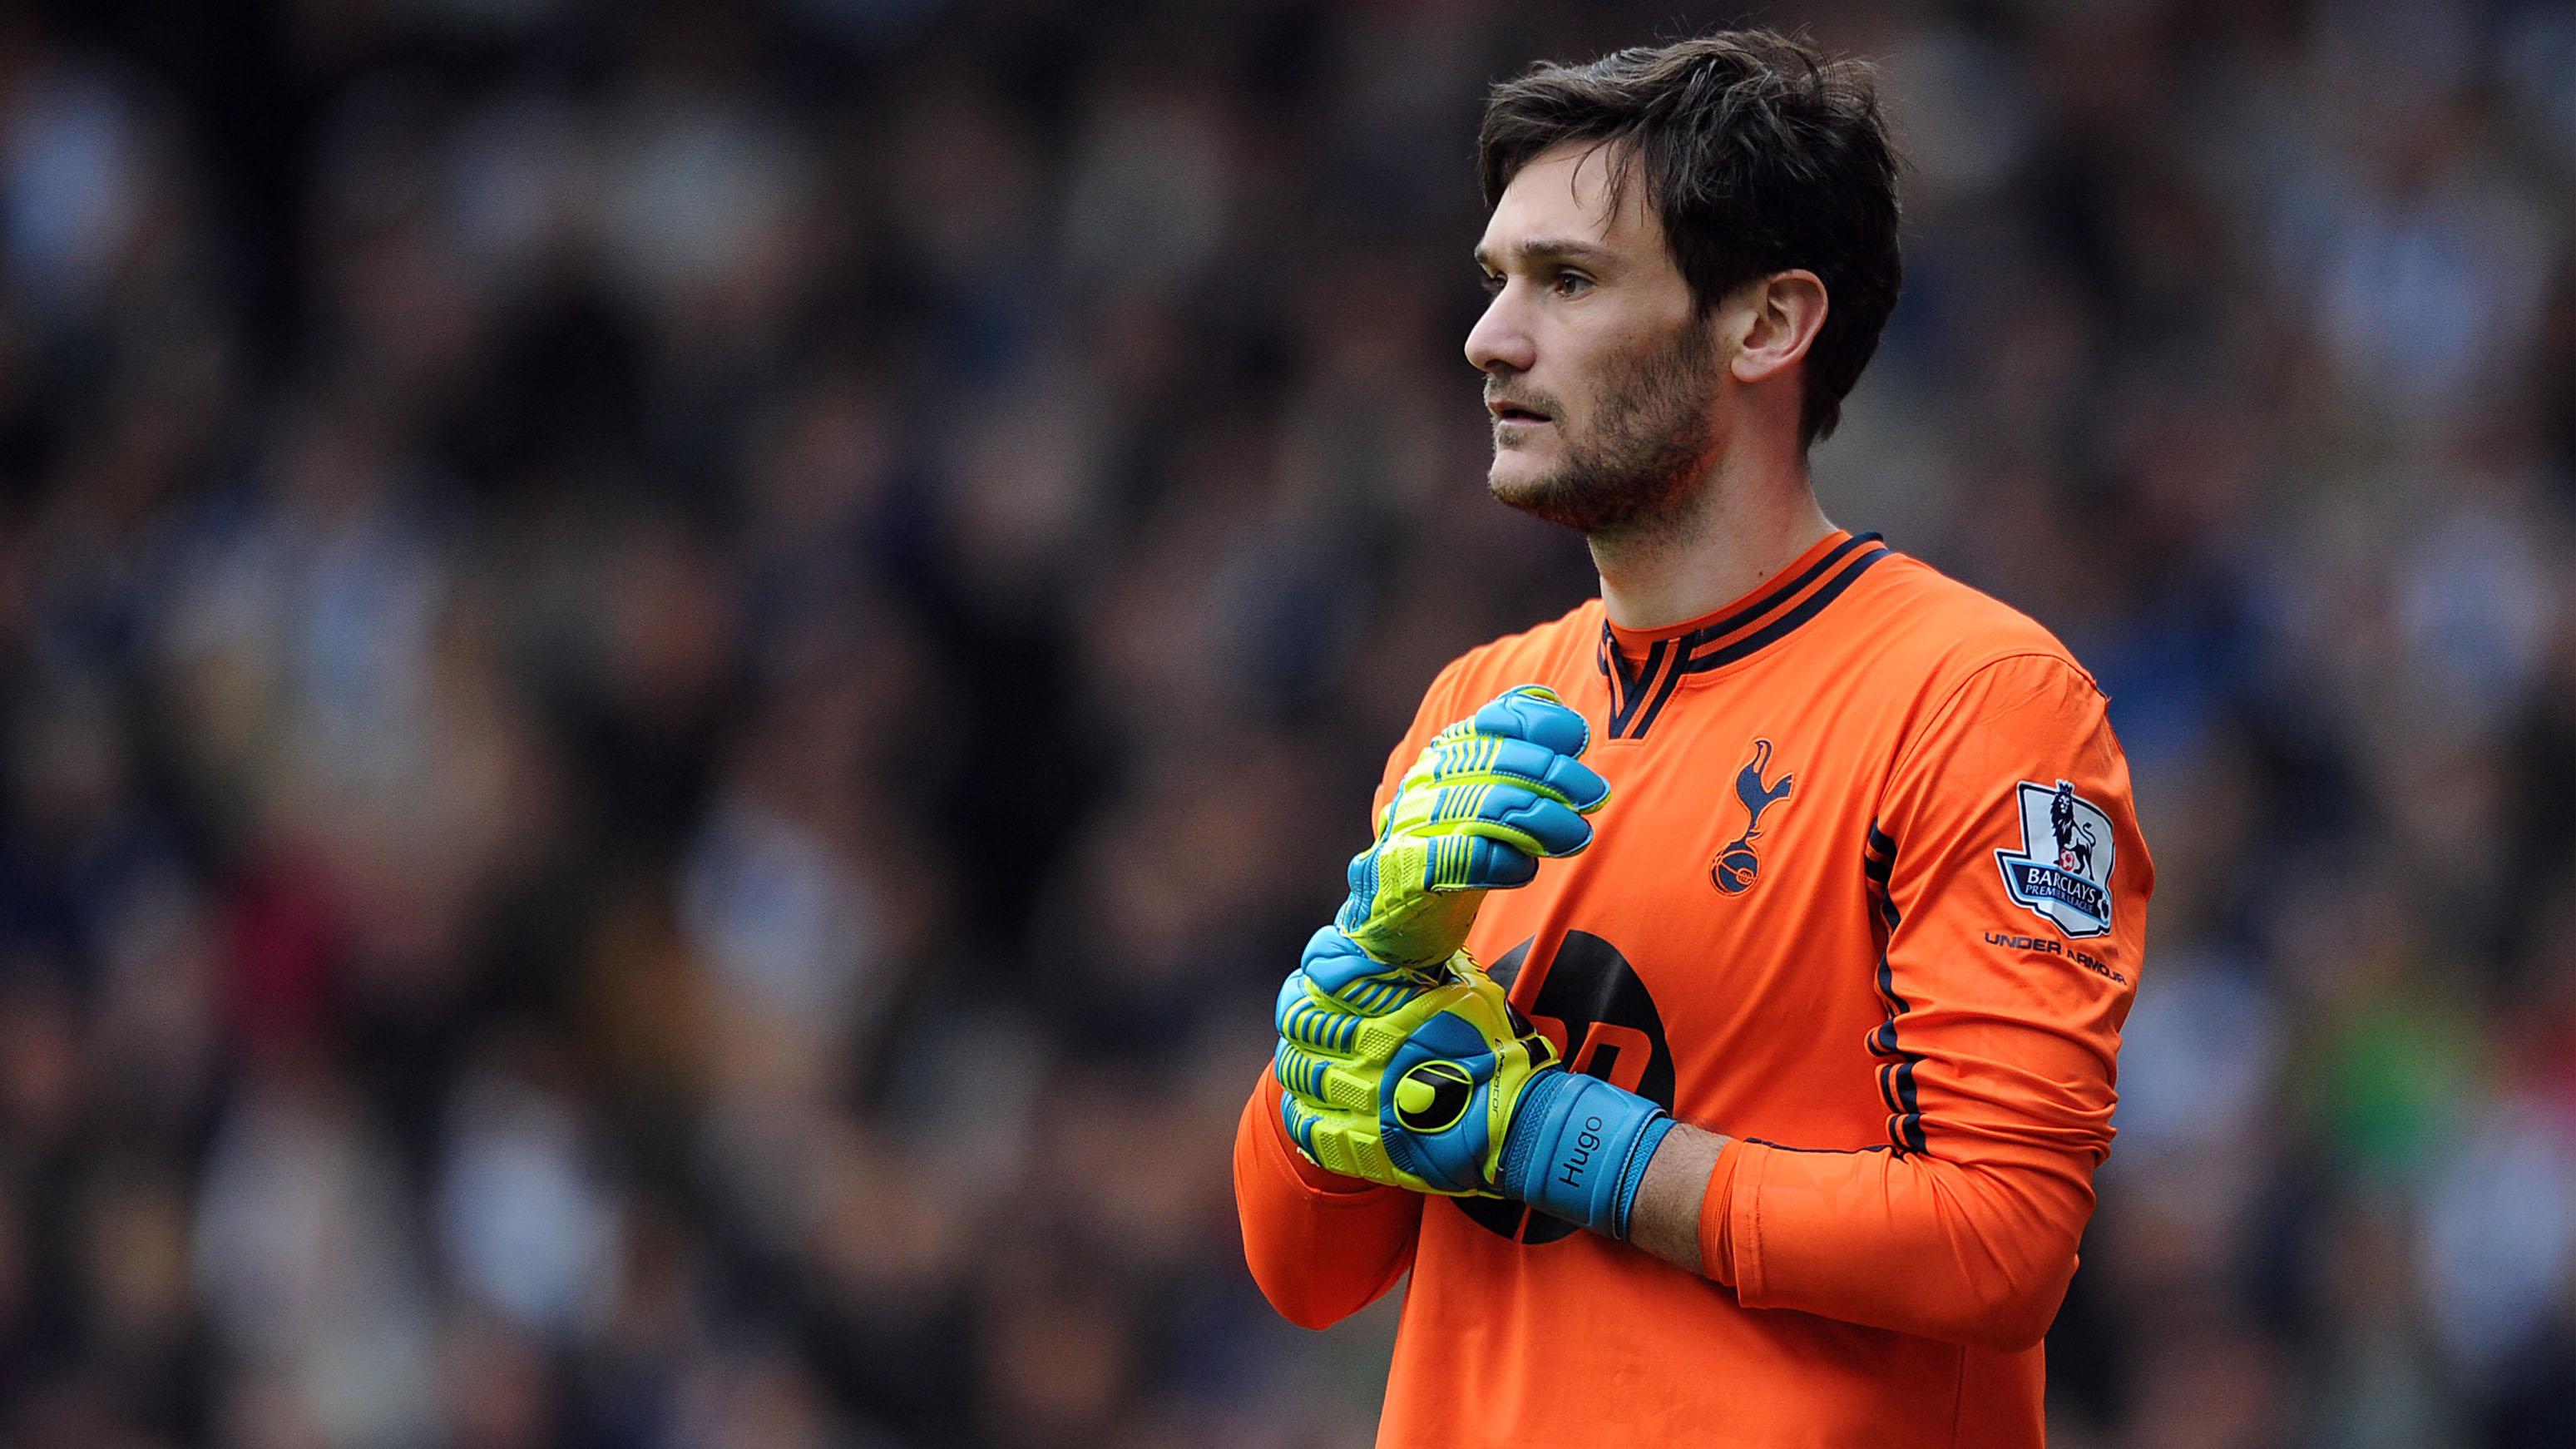 Tottenham Hotspur signs keeper Hugo Lloris to new contract